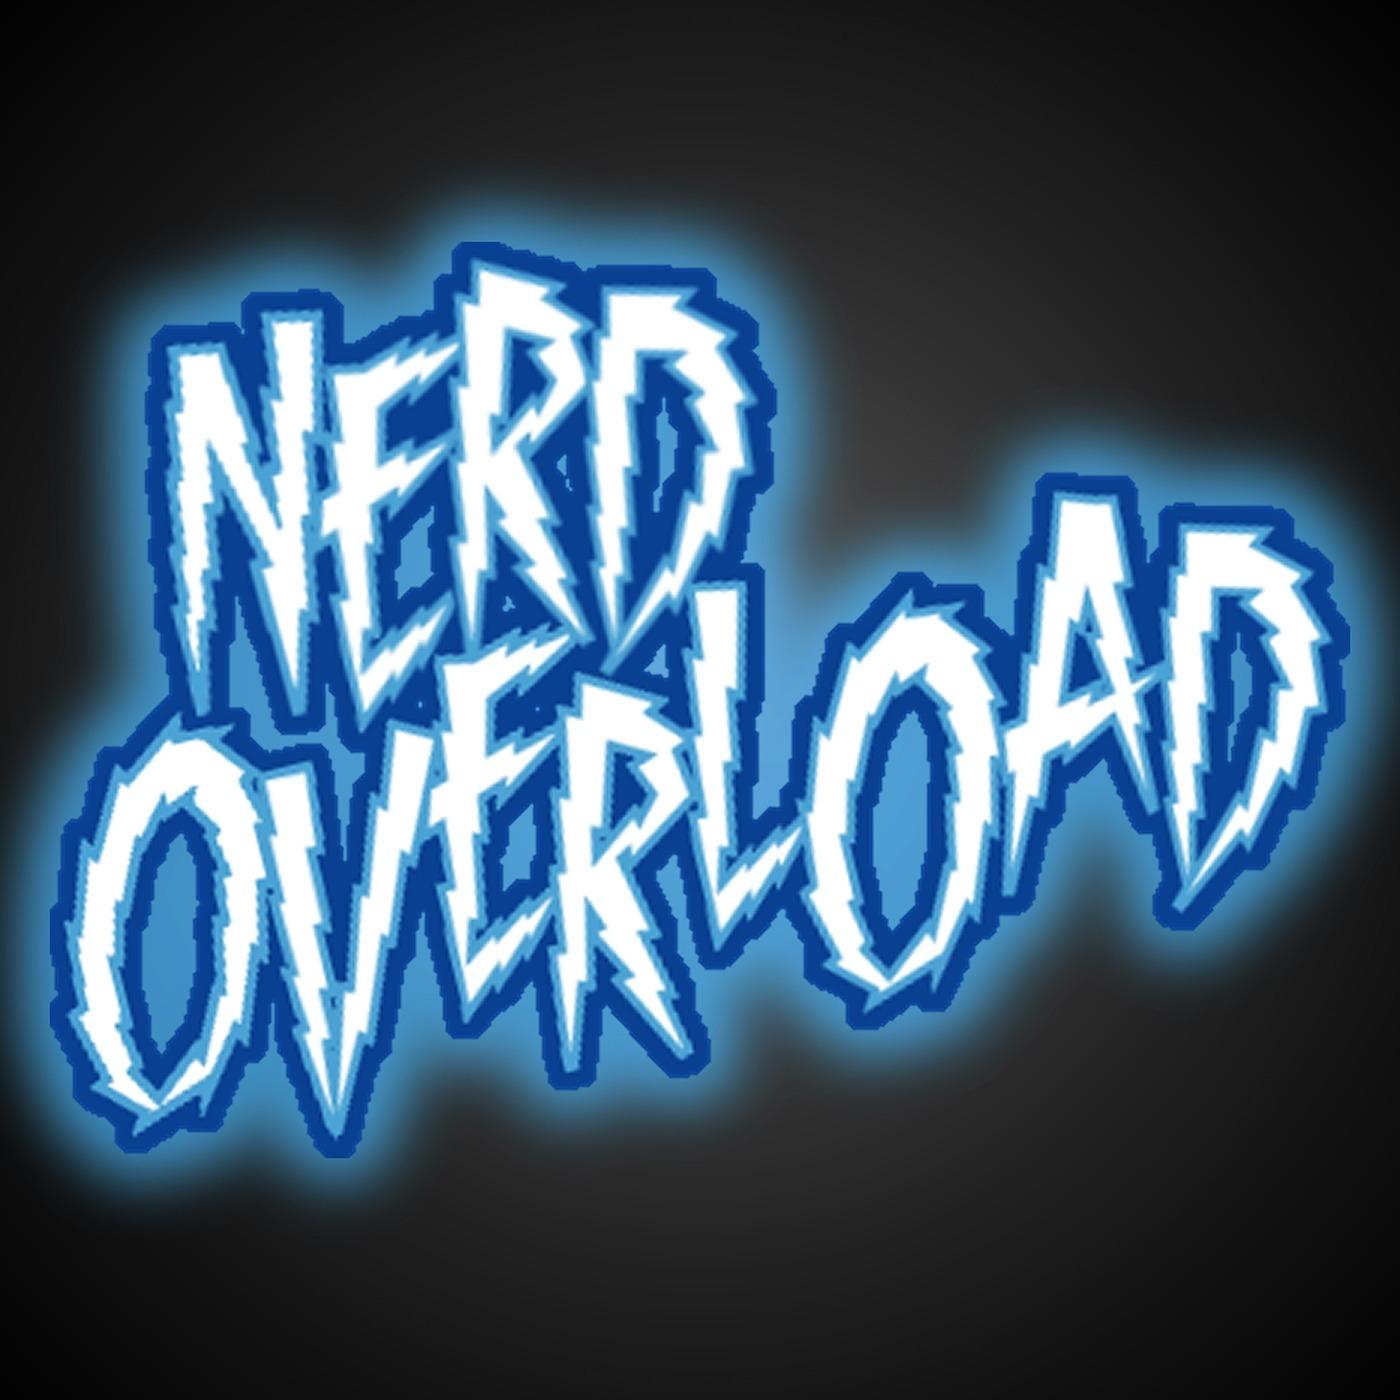 Nerd Overload: Episode 22 - Hill Street Blues Clue